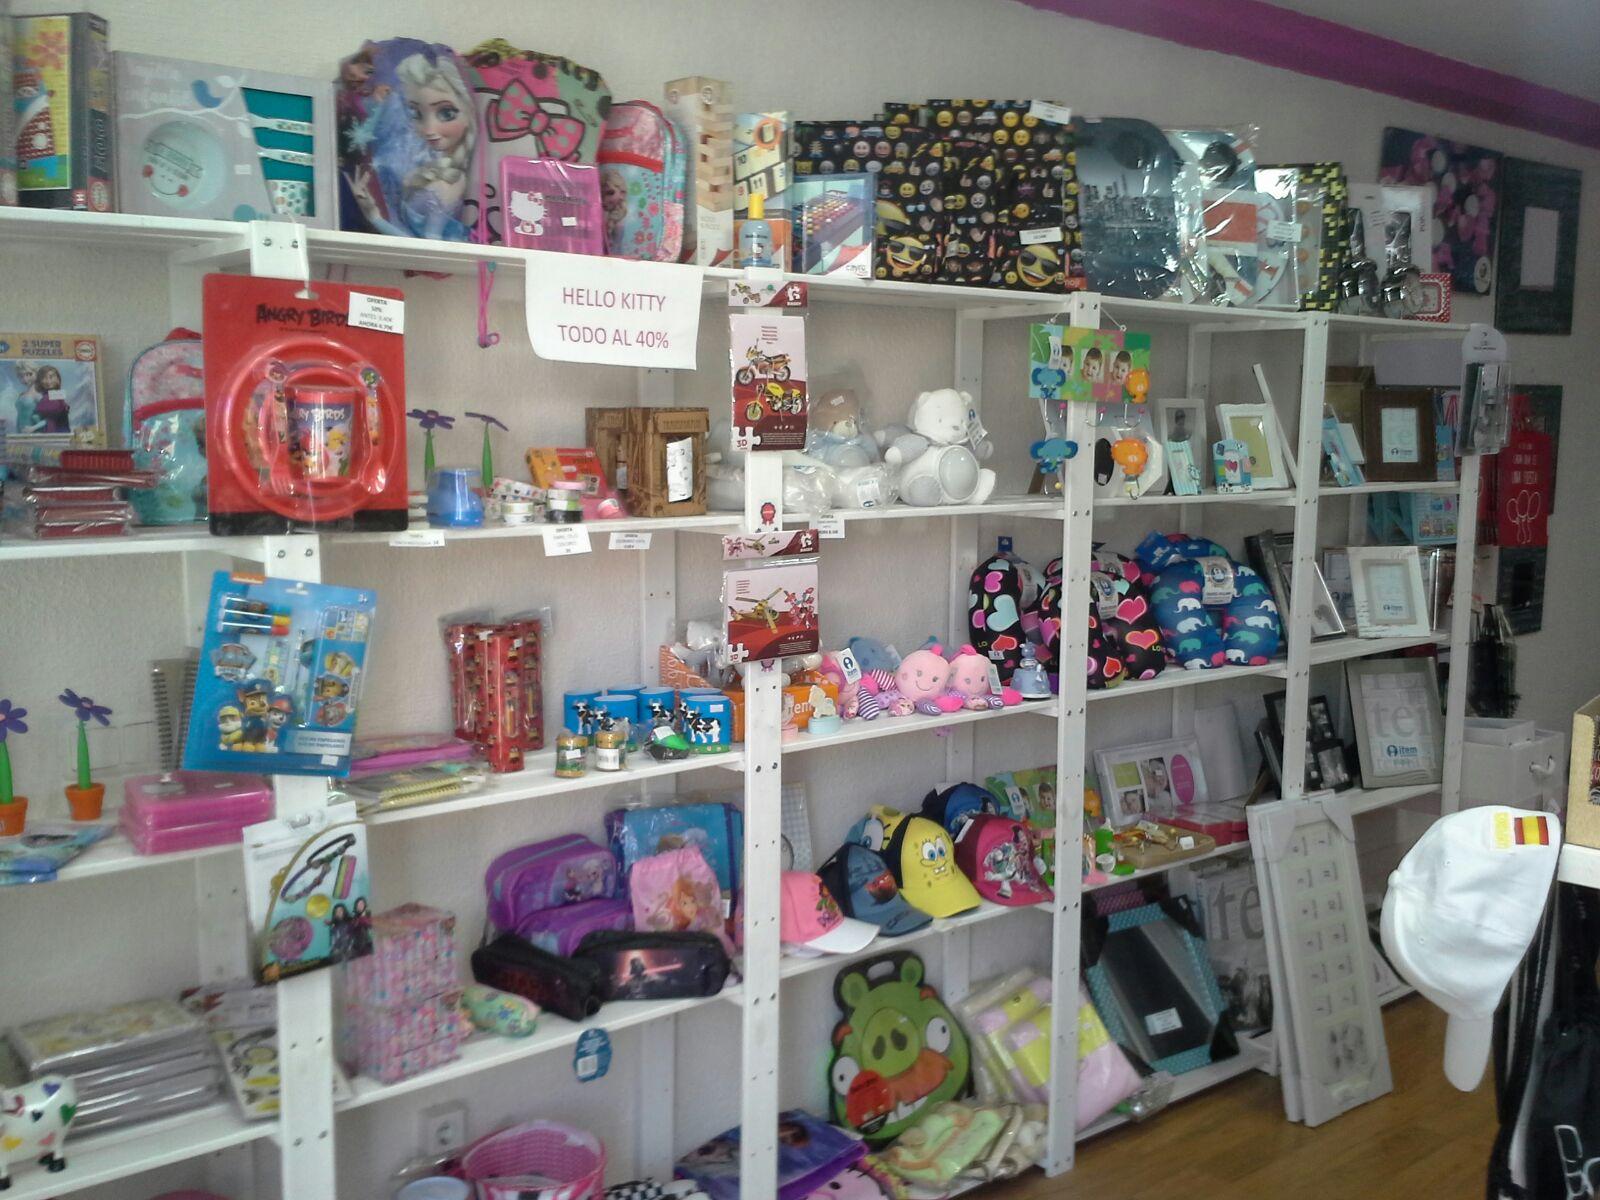 Dt detalles tiendas de regalos en c ceres c ceres - Tienda decoracion casa online ...